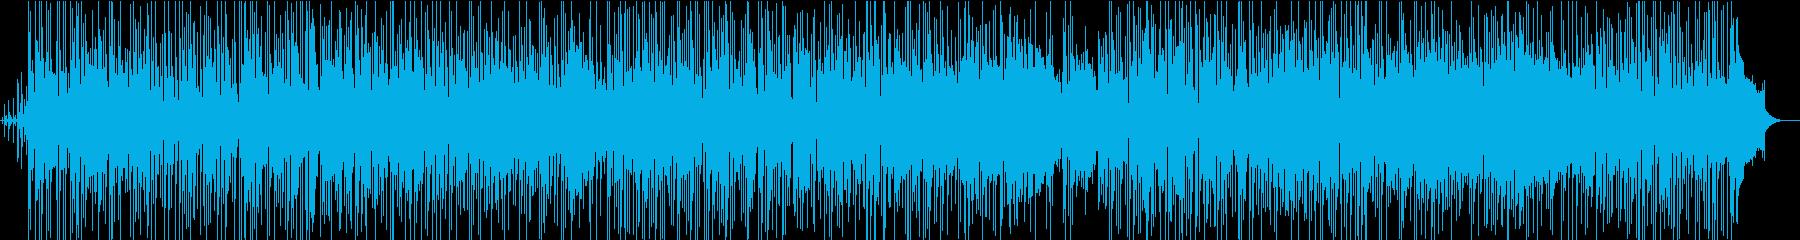 英詞キャッチーアメリカン・シティポップの再生済みの波形